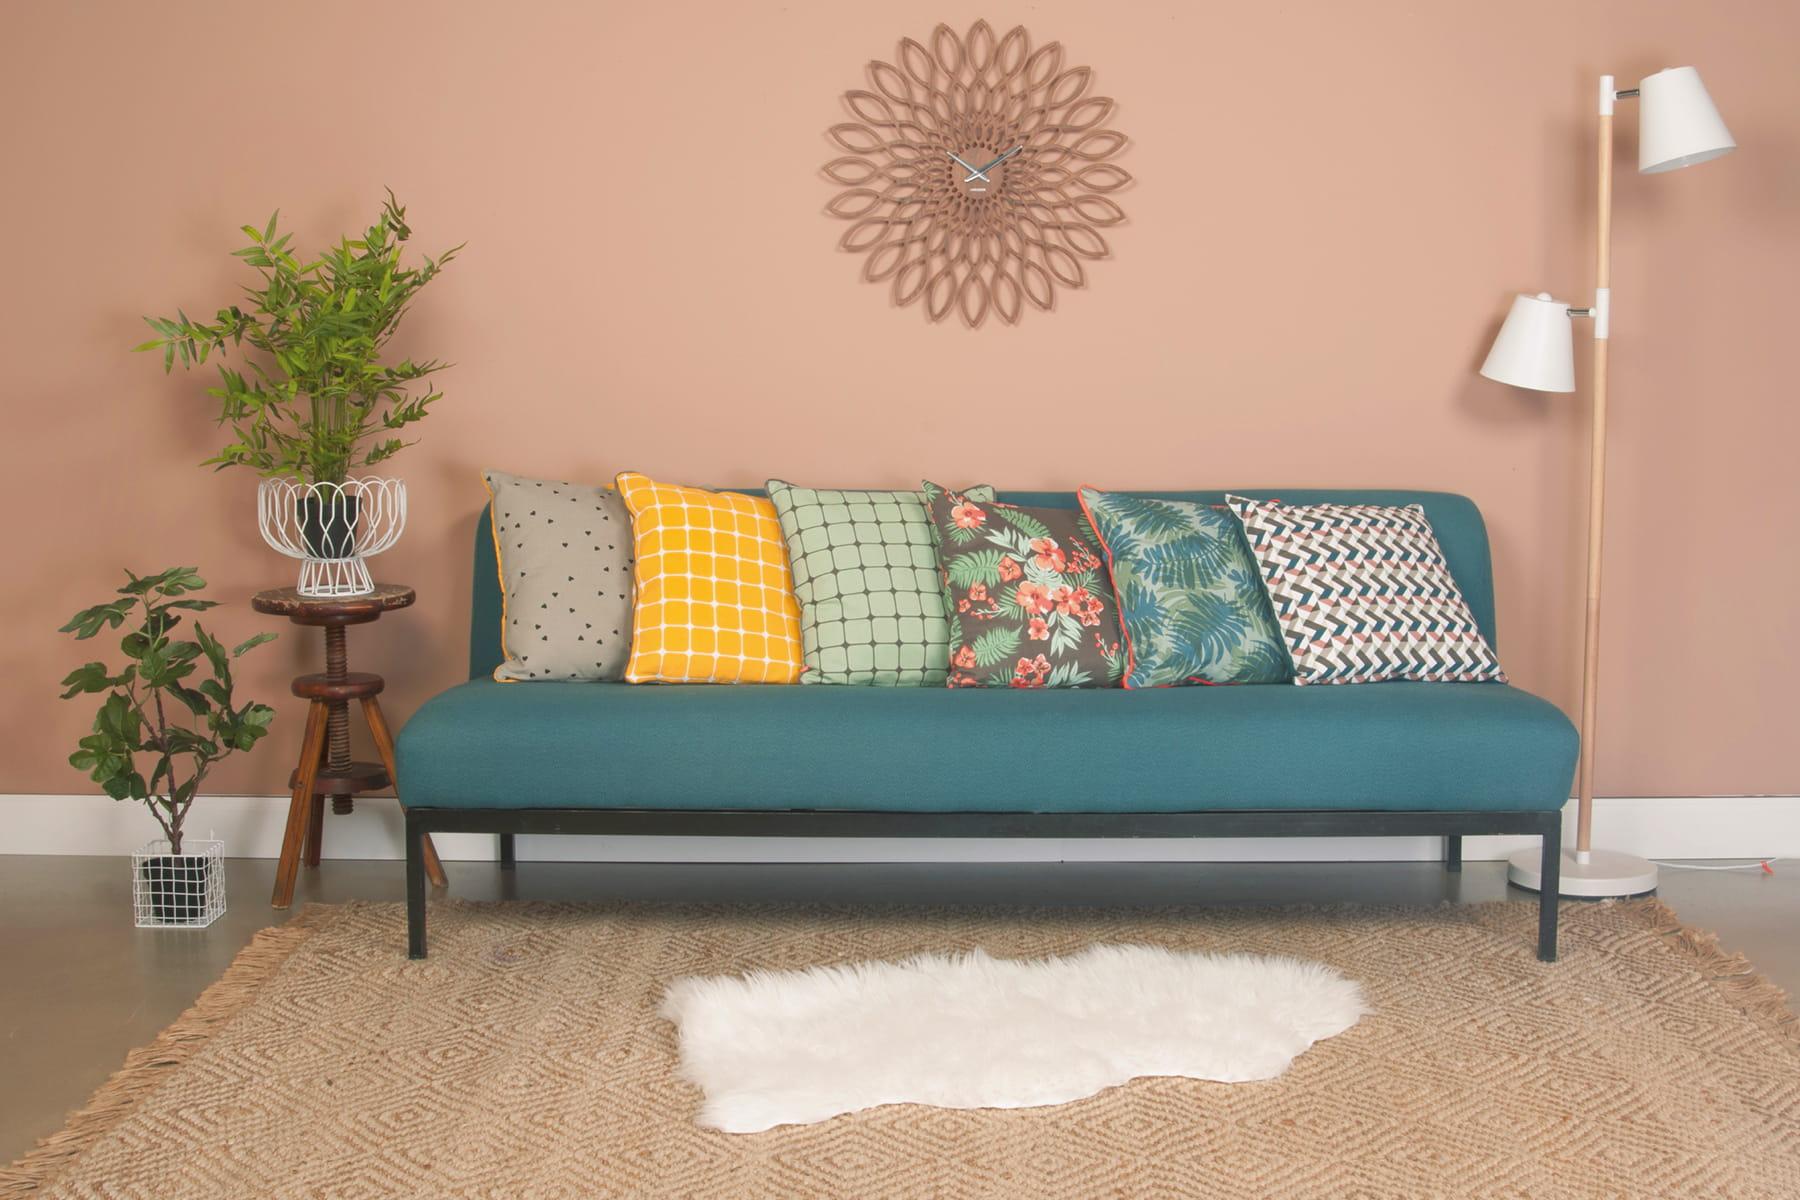 Gayez votre sofa avec de jolis coussins - Coussin de decoration pour canape ...